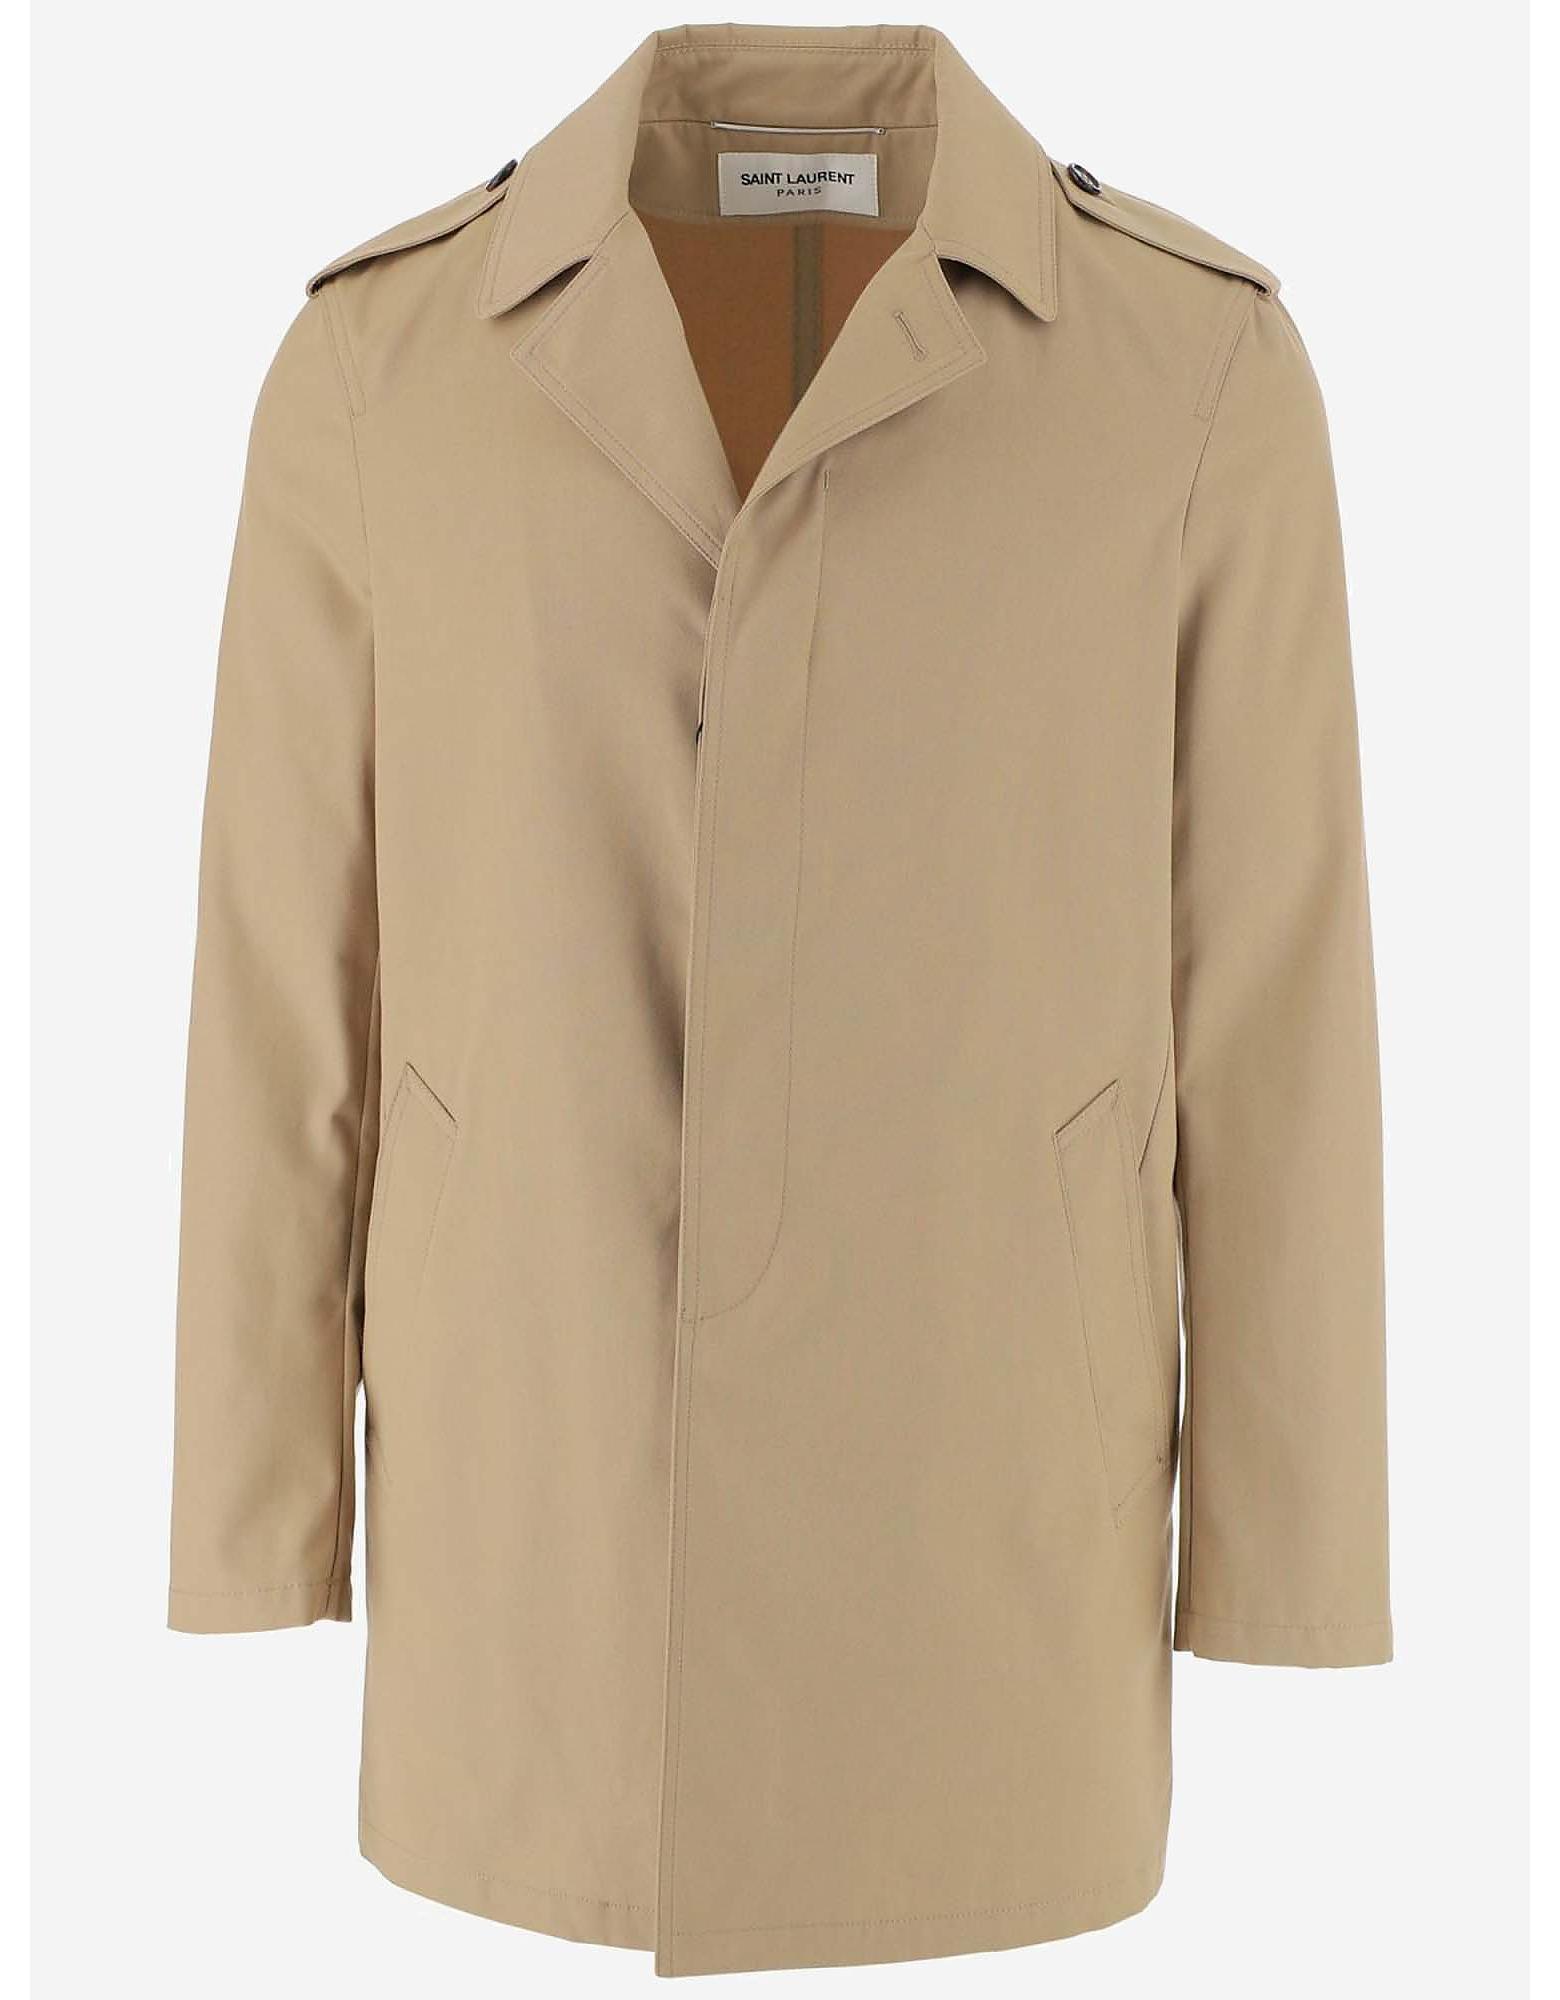 Saint Laurent Designer Coats & Jackets, Beige Cotton Men's Trench Coat